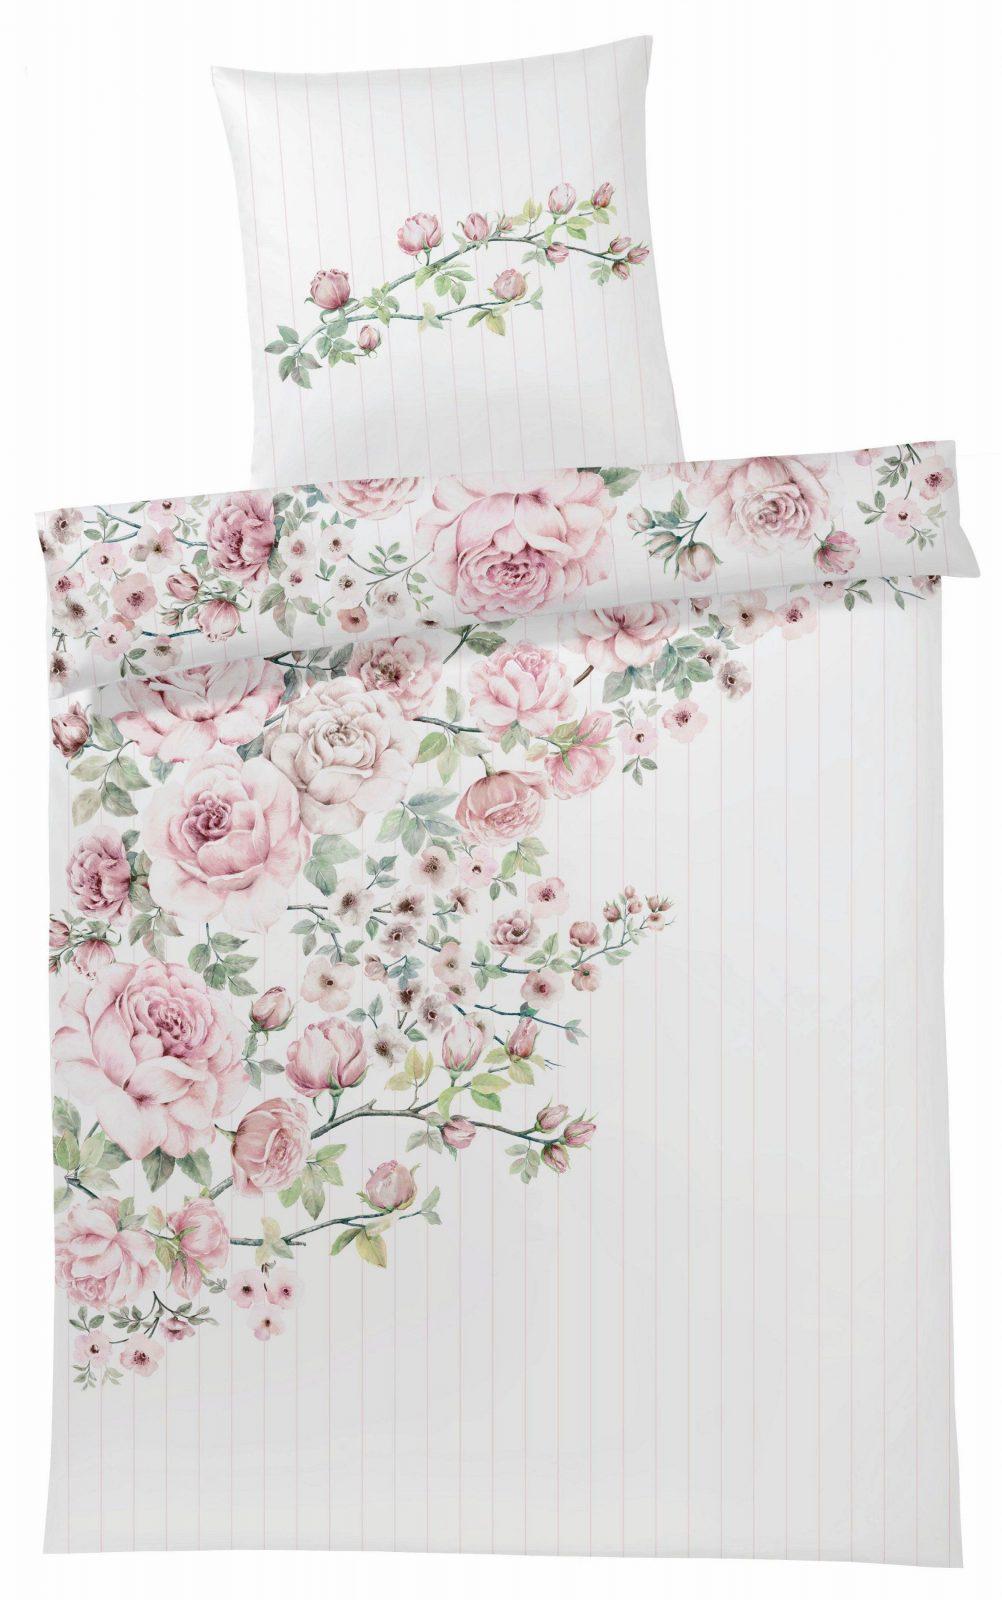 Baur Bettwäsche | Bettwäsche Bettbezug Günstig Online Kaufen Witt Weiden